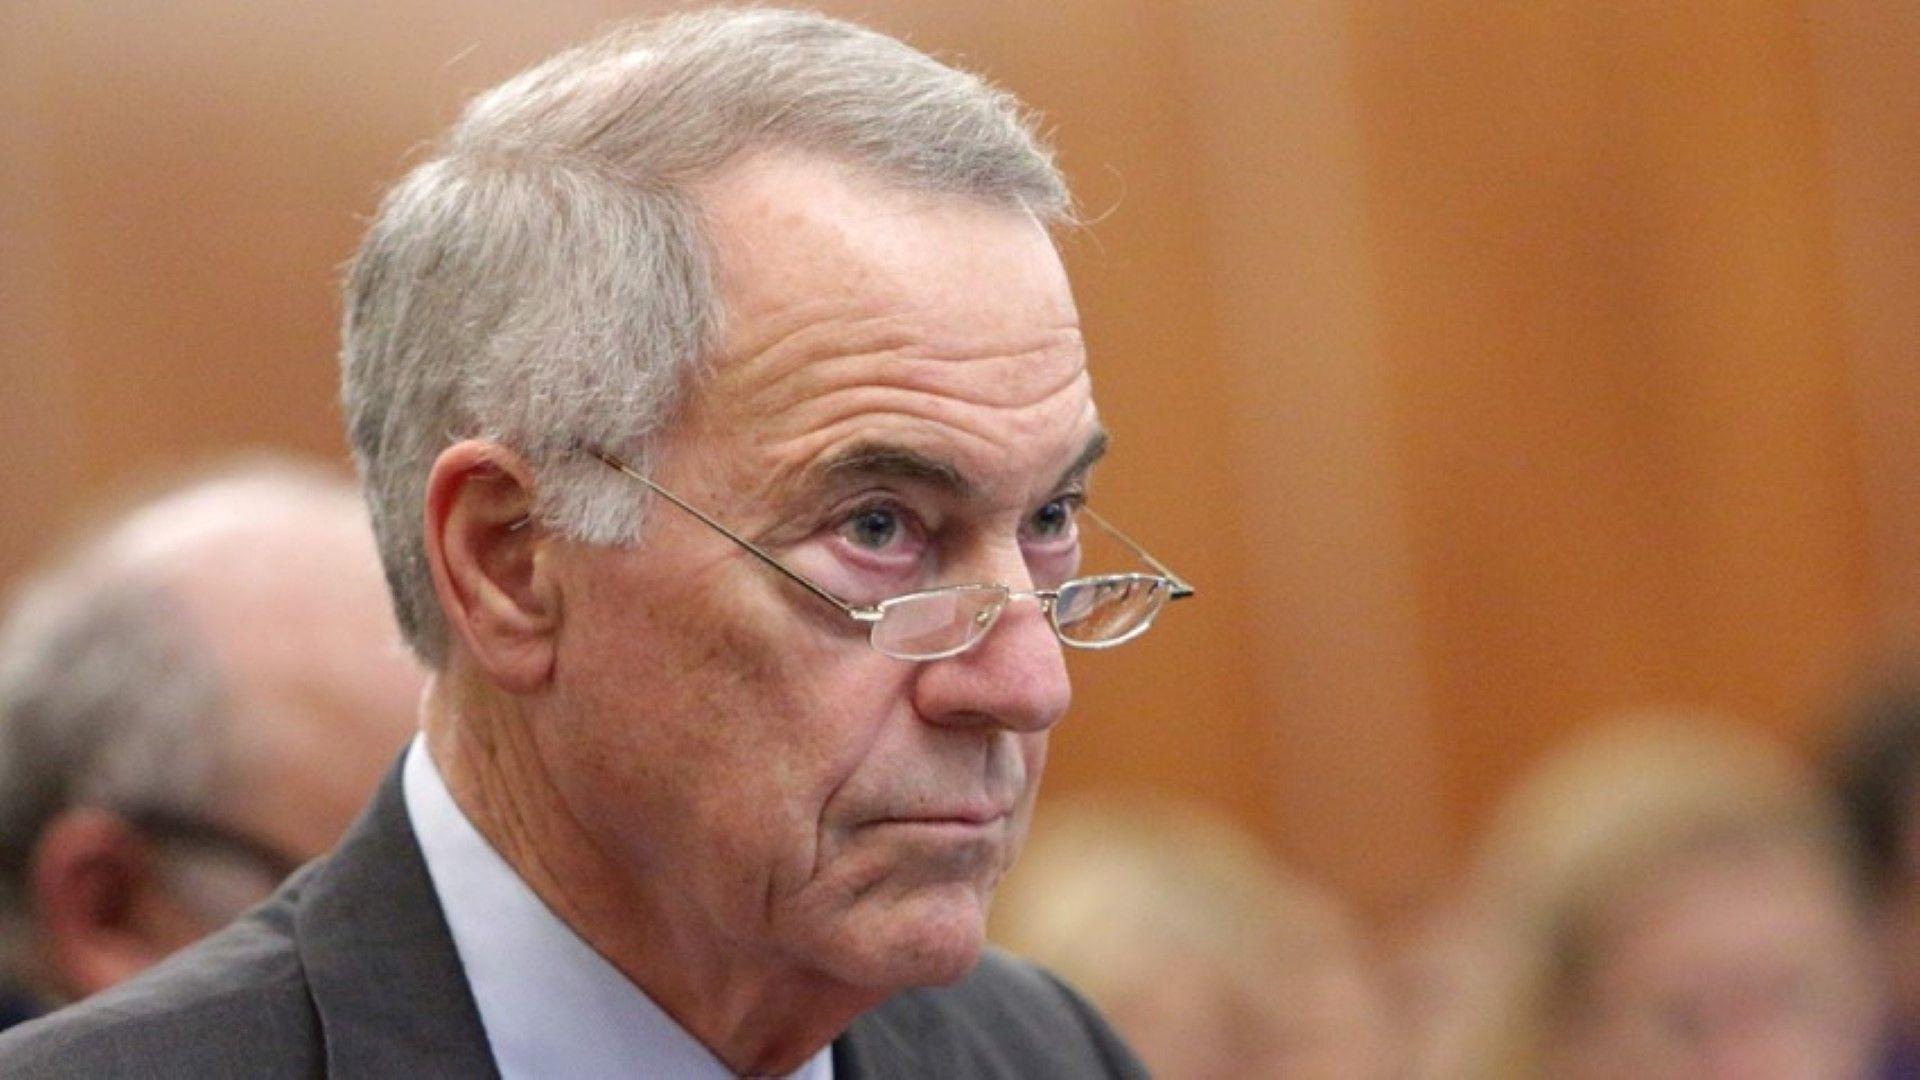 Проф. Стив Ханке: Идеята за влизането на България в еврозоната намирисва на измама